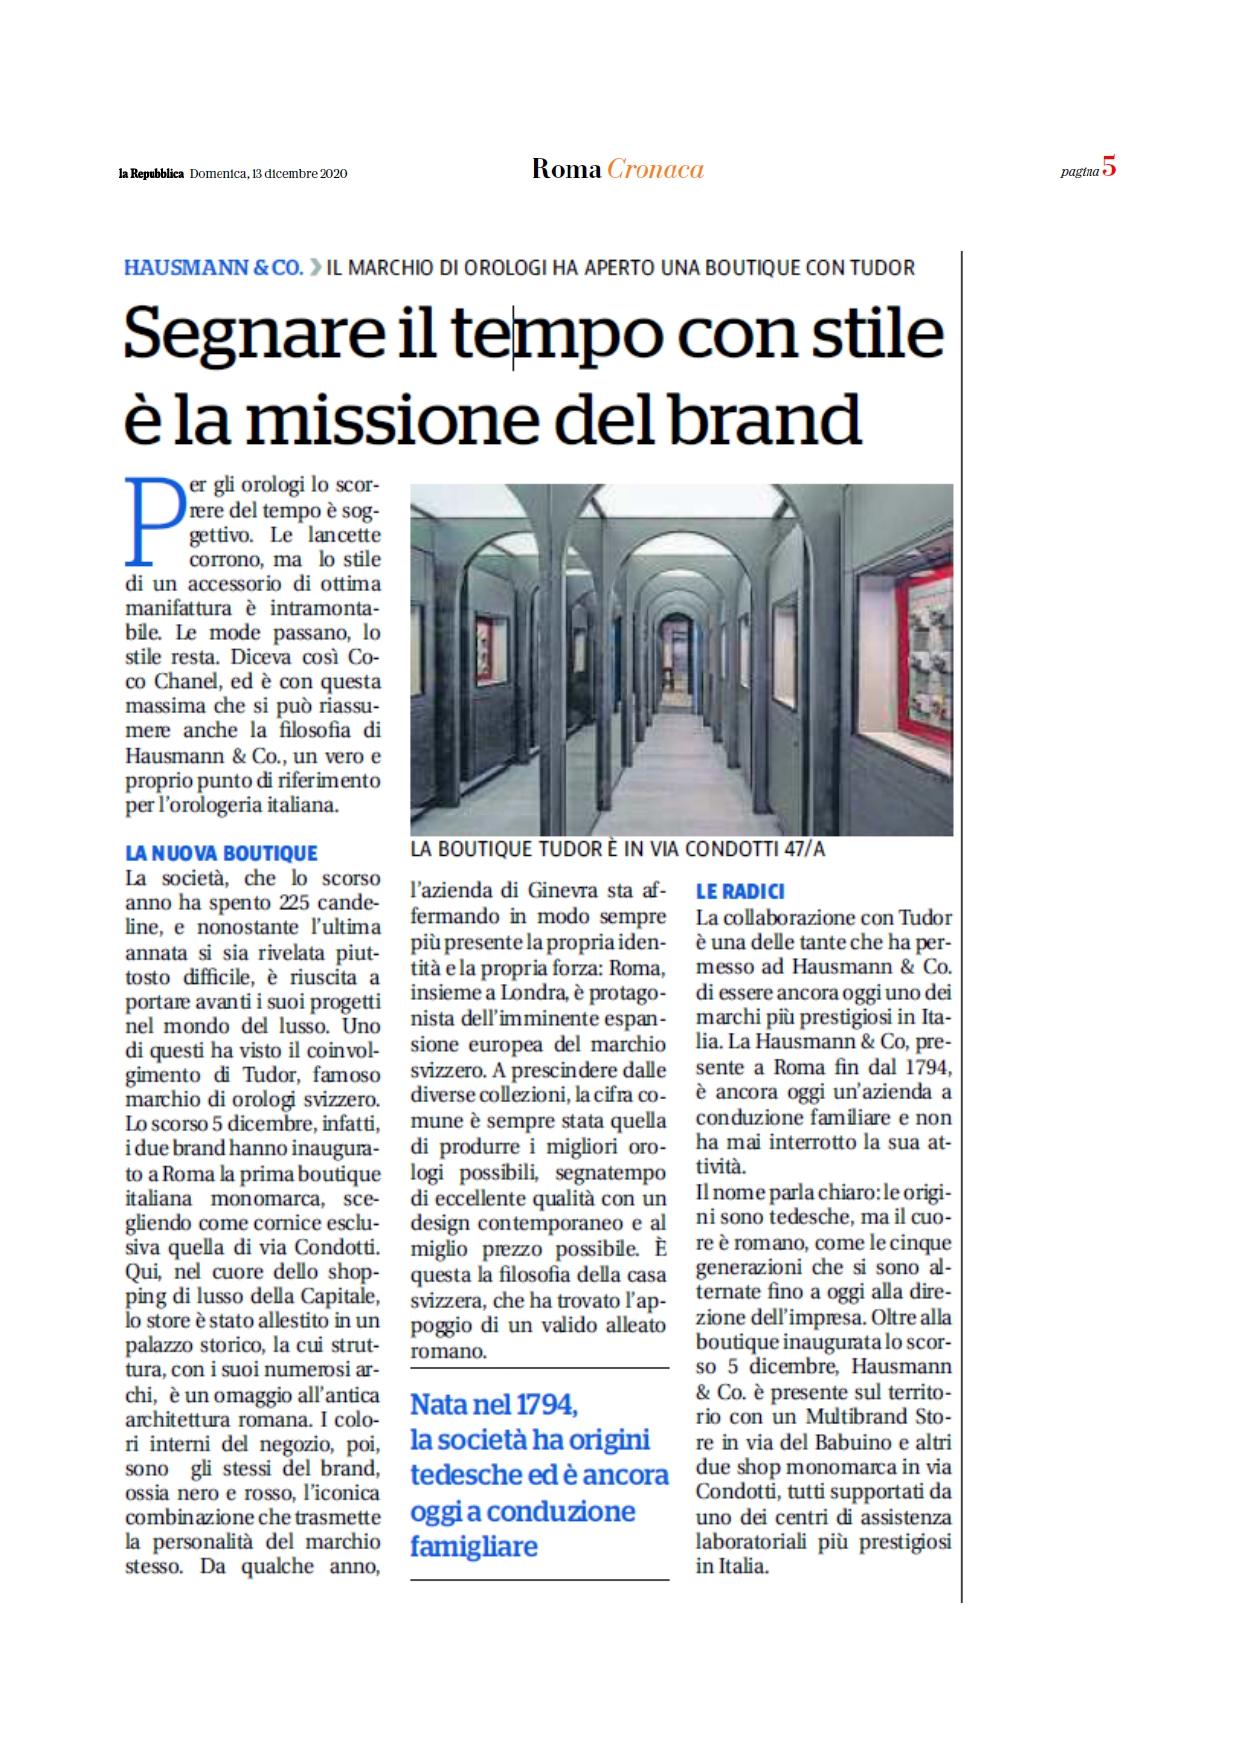 Immagine articolo La repubblica per apertura punto vendita tudor ufficiale a roma